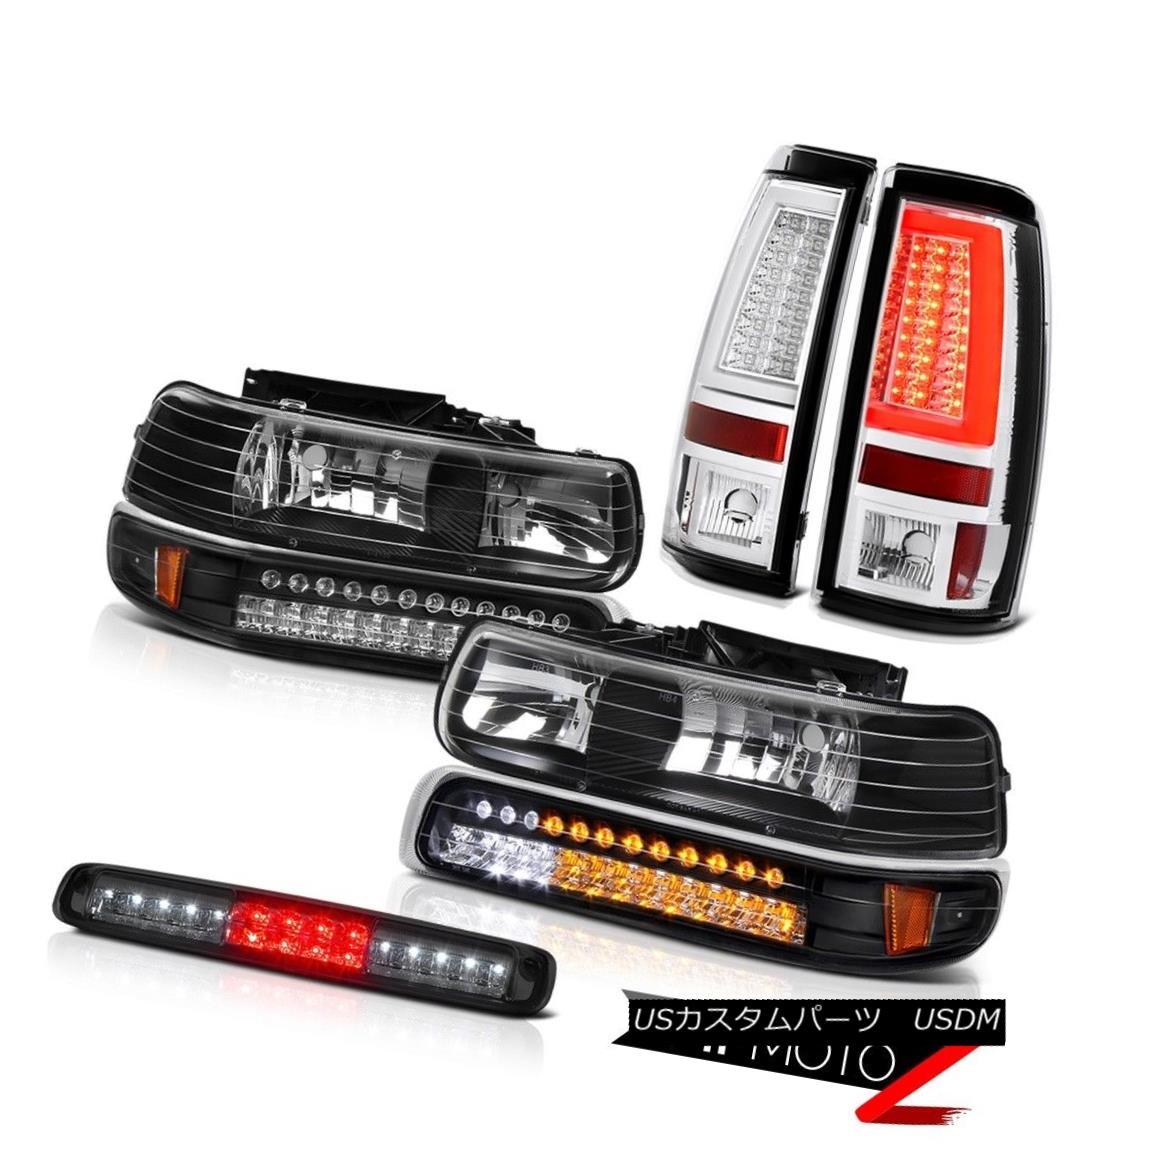 テールライト 99 00 01 02 Silverado 1500 Taillamps High Stop Light Headlights OLED Neon Tube 99 00 01 02 Silverado 1500 TaillampsハイストップライトヘッドライトOLEDネオンチューブ